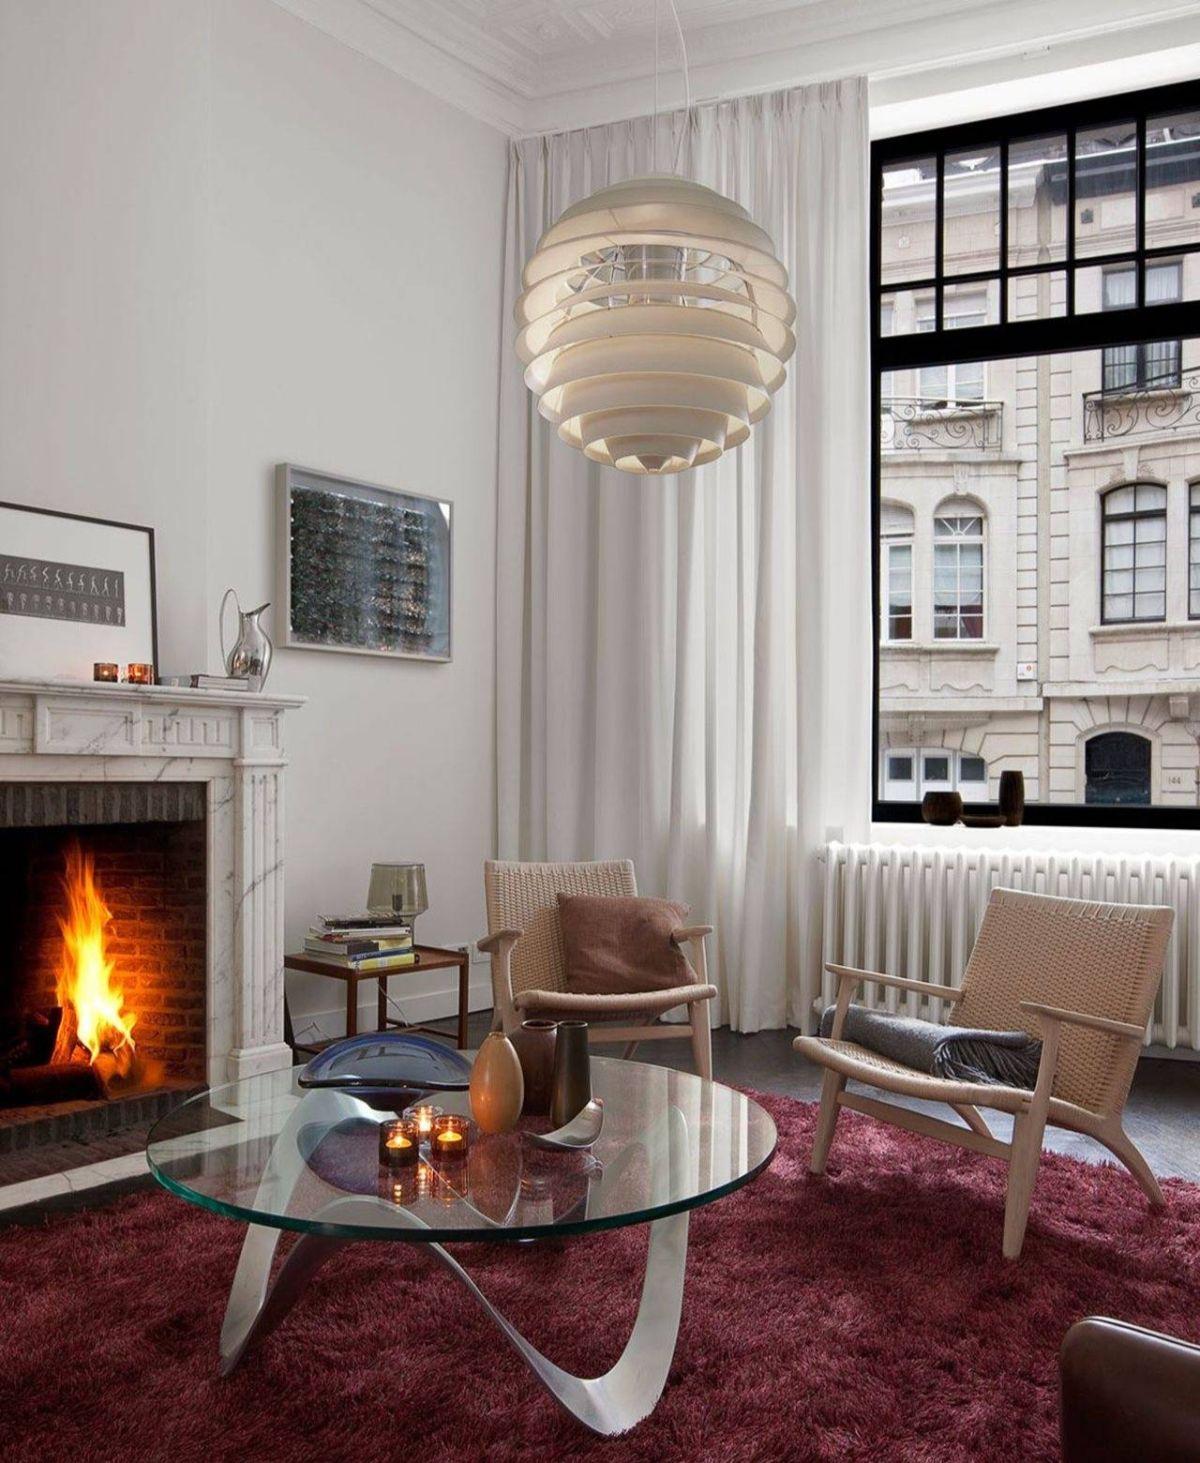 дизайн интерьера небольшой гостиной с камином в стиле модерн